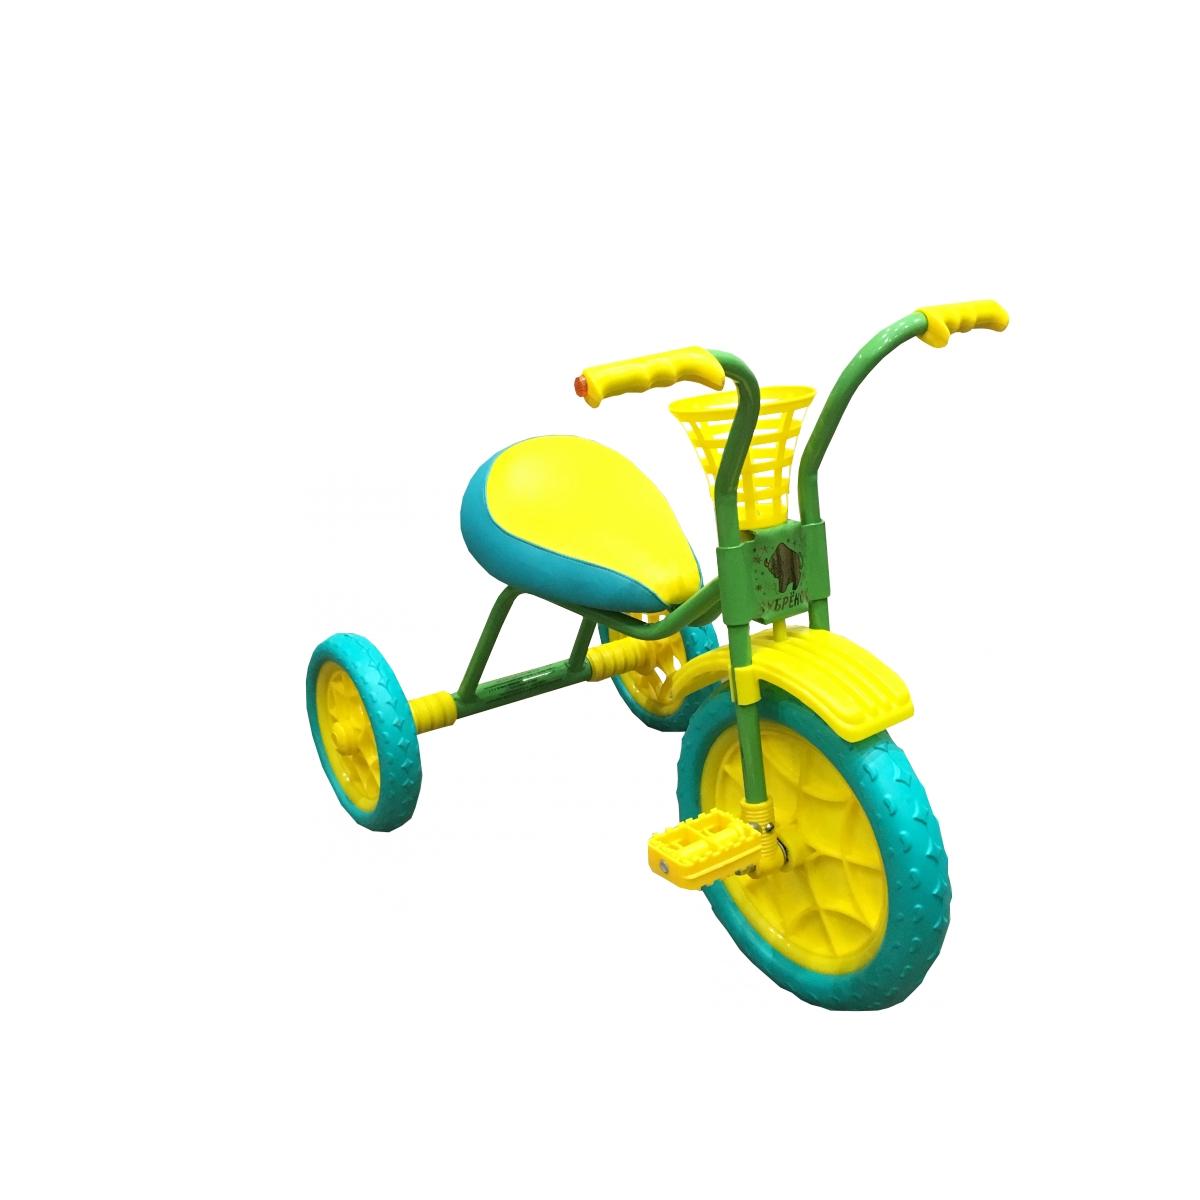 Детский трехколесный велосипед ЗУБРЕНОК  зеленый - Велосипеды